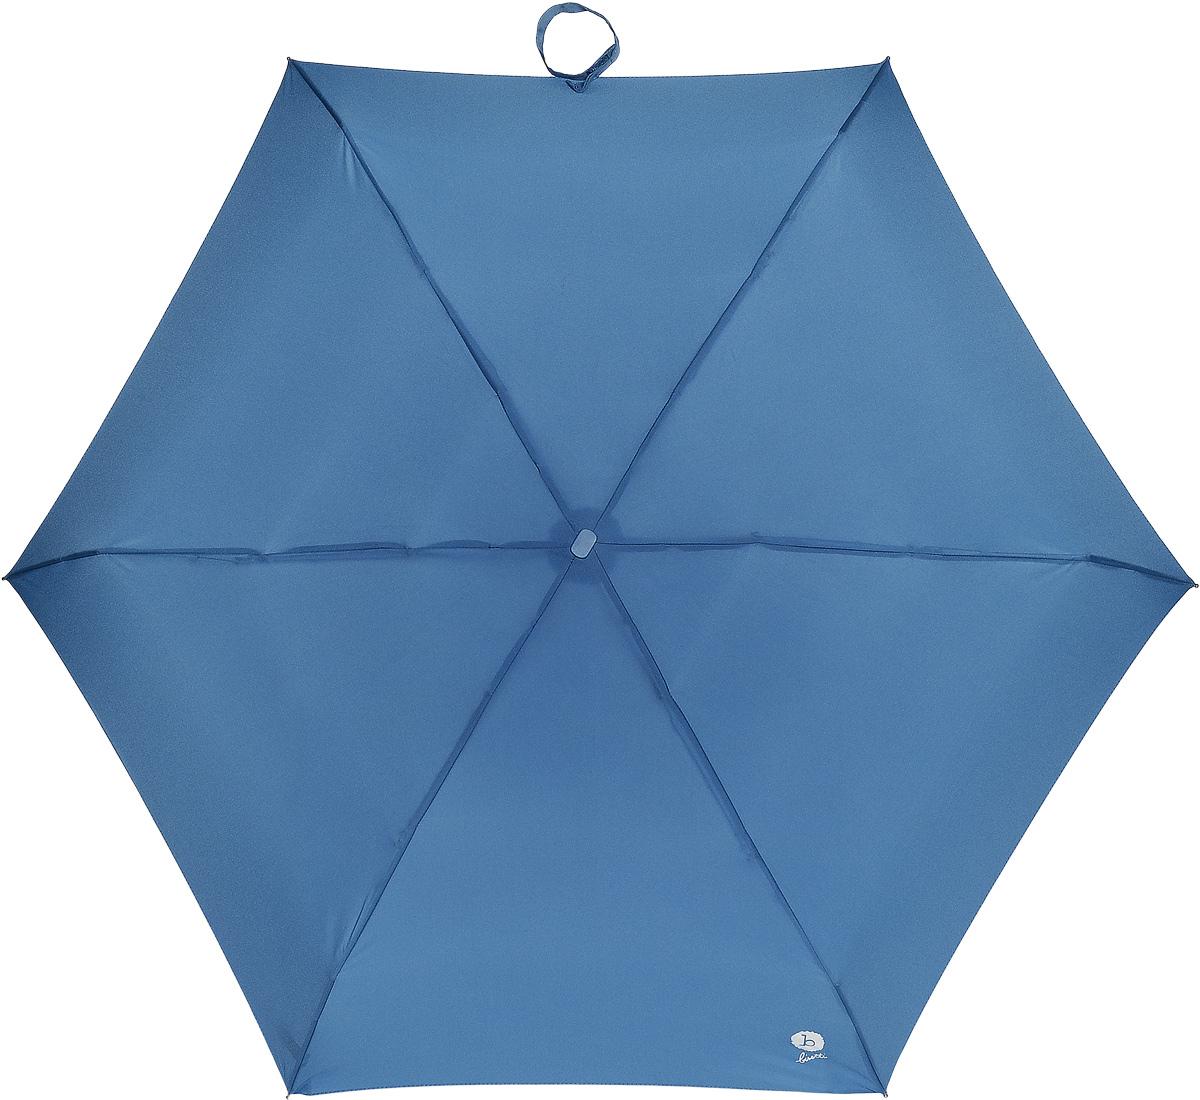 Bisetti 3569-2 Зонт механический 5 сл. жен.3569-2Зонт испанского производителя Clima. В производстве зонтов используются современные материалы, что делает зонты легкими, но в то же время крепкими.Механический, 5 сложений, 7 спиц по 53см, полиэстер.